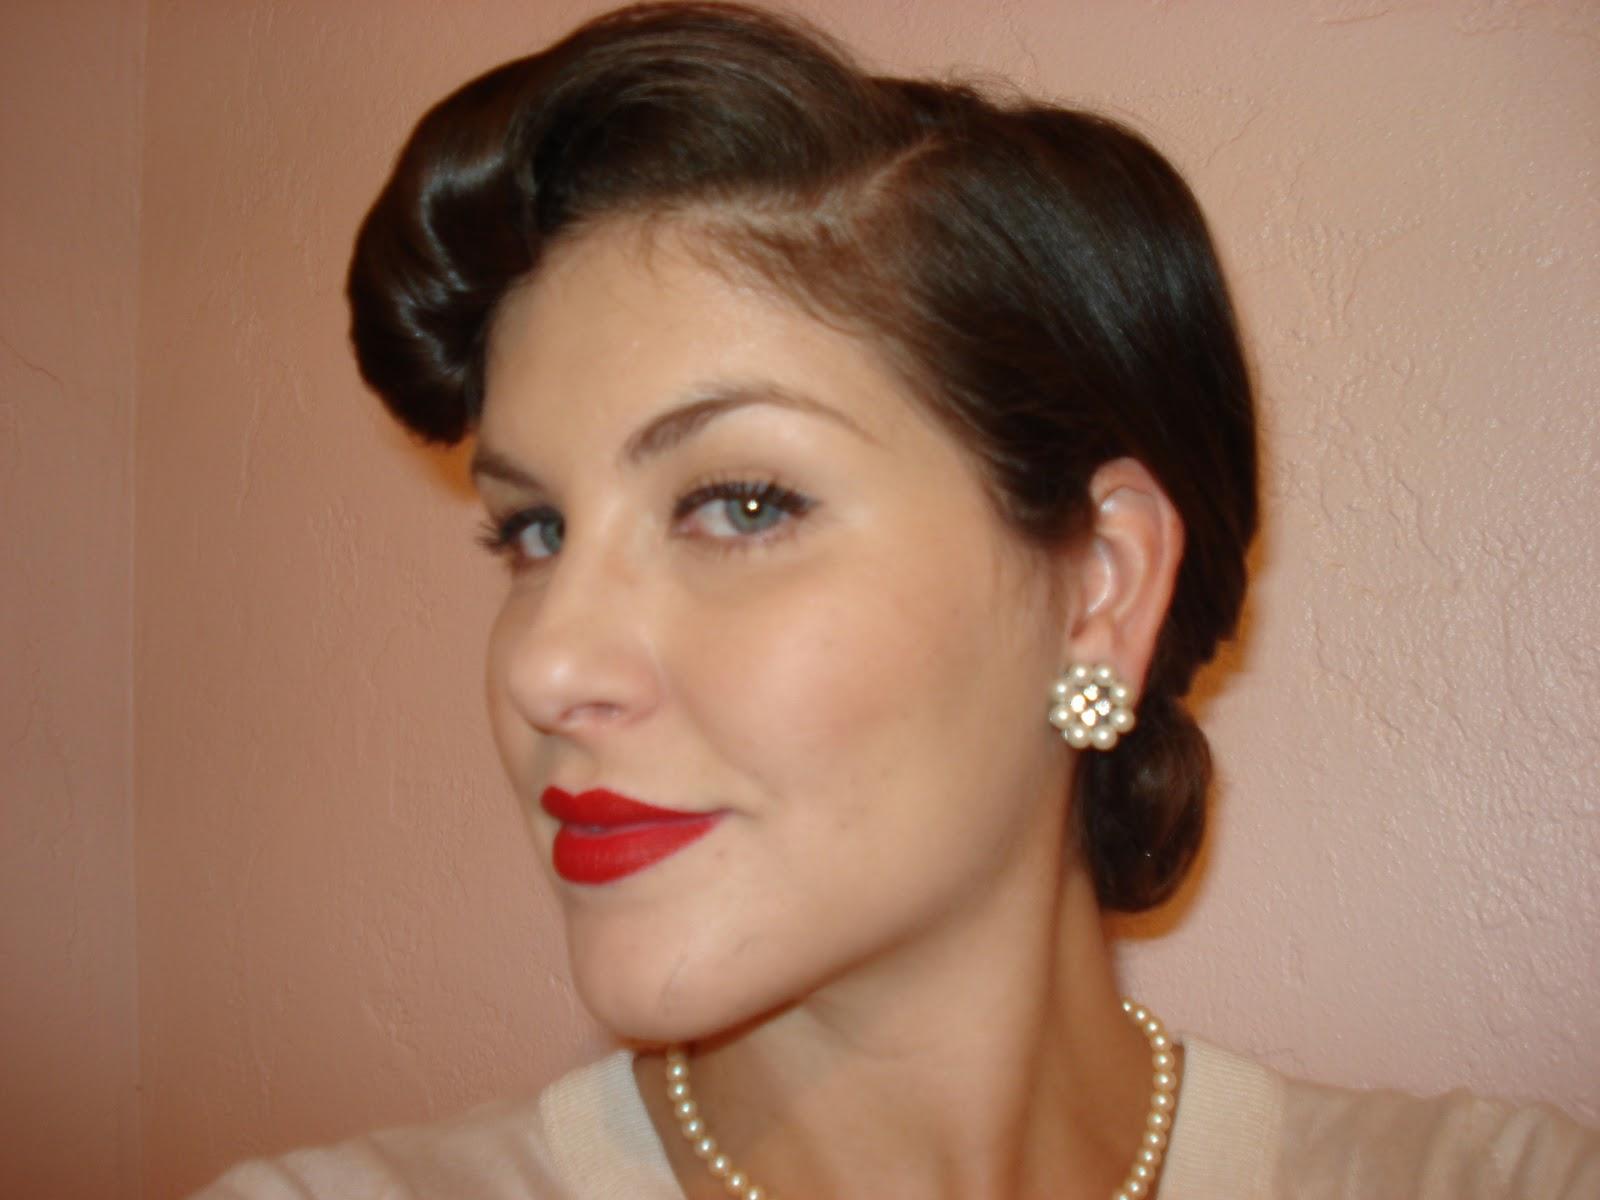 Golden Girl Of The West: September 2010